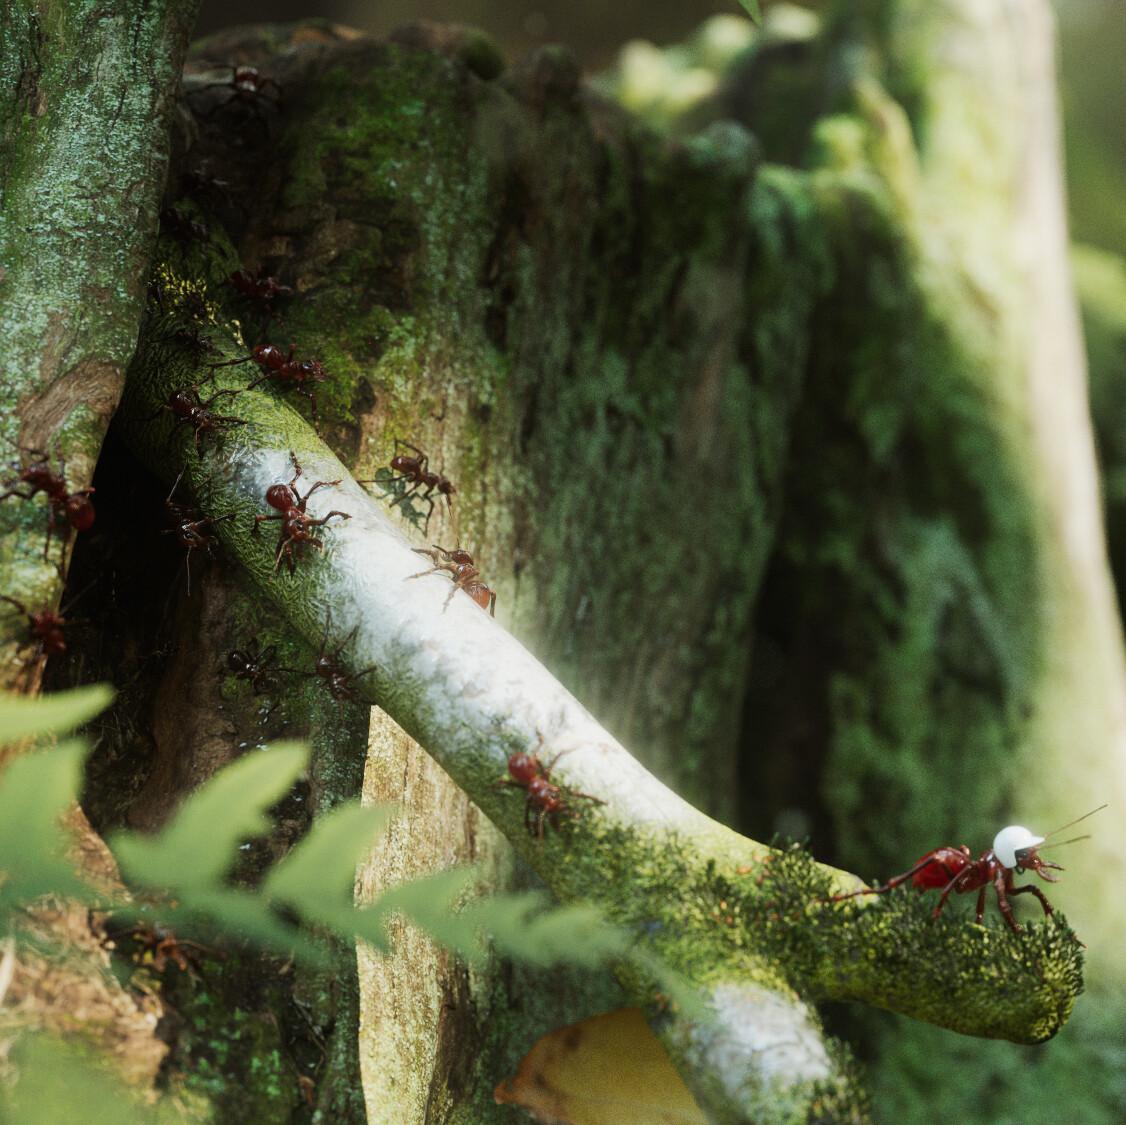 在3ds Max中将叶子苔藓散布在场景中